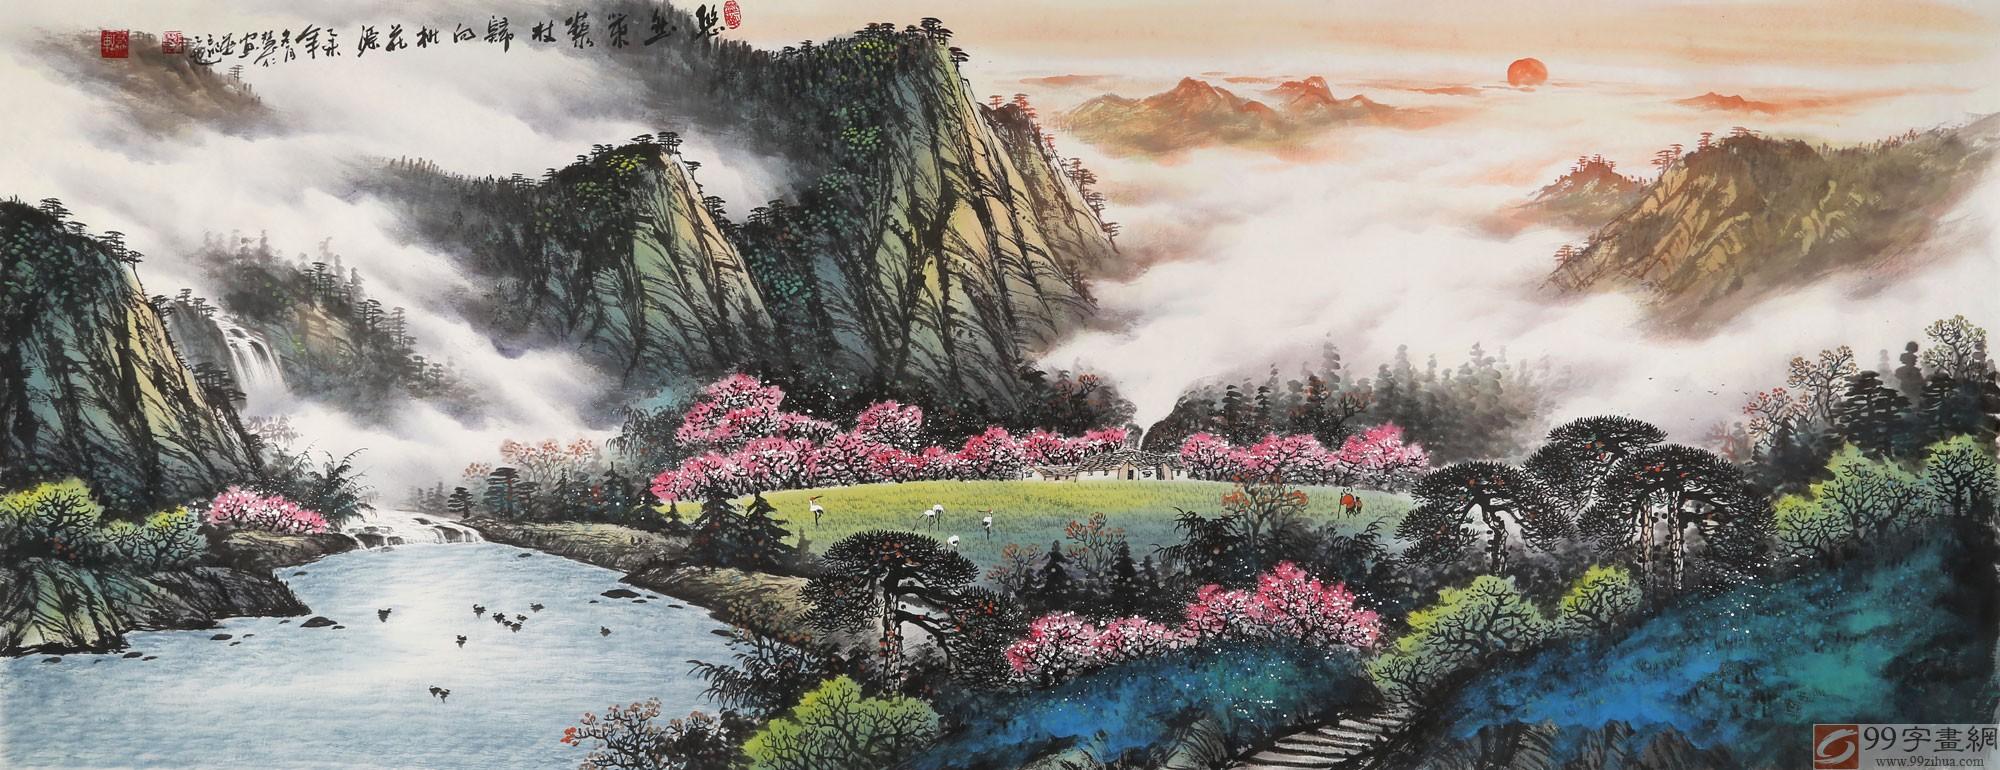 【已售】张慧仁小六尺桂林山水画《悠然策藜杖 归向桃花源》